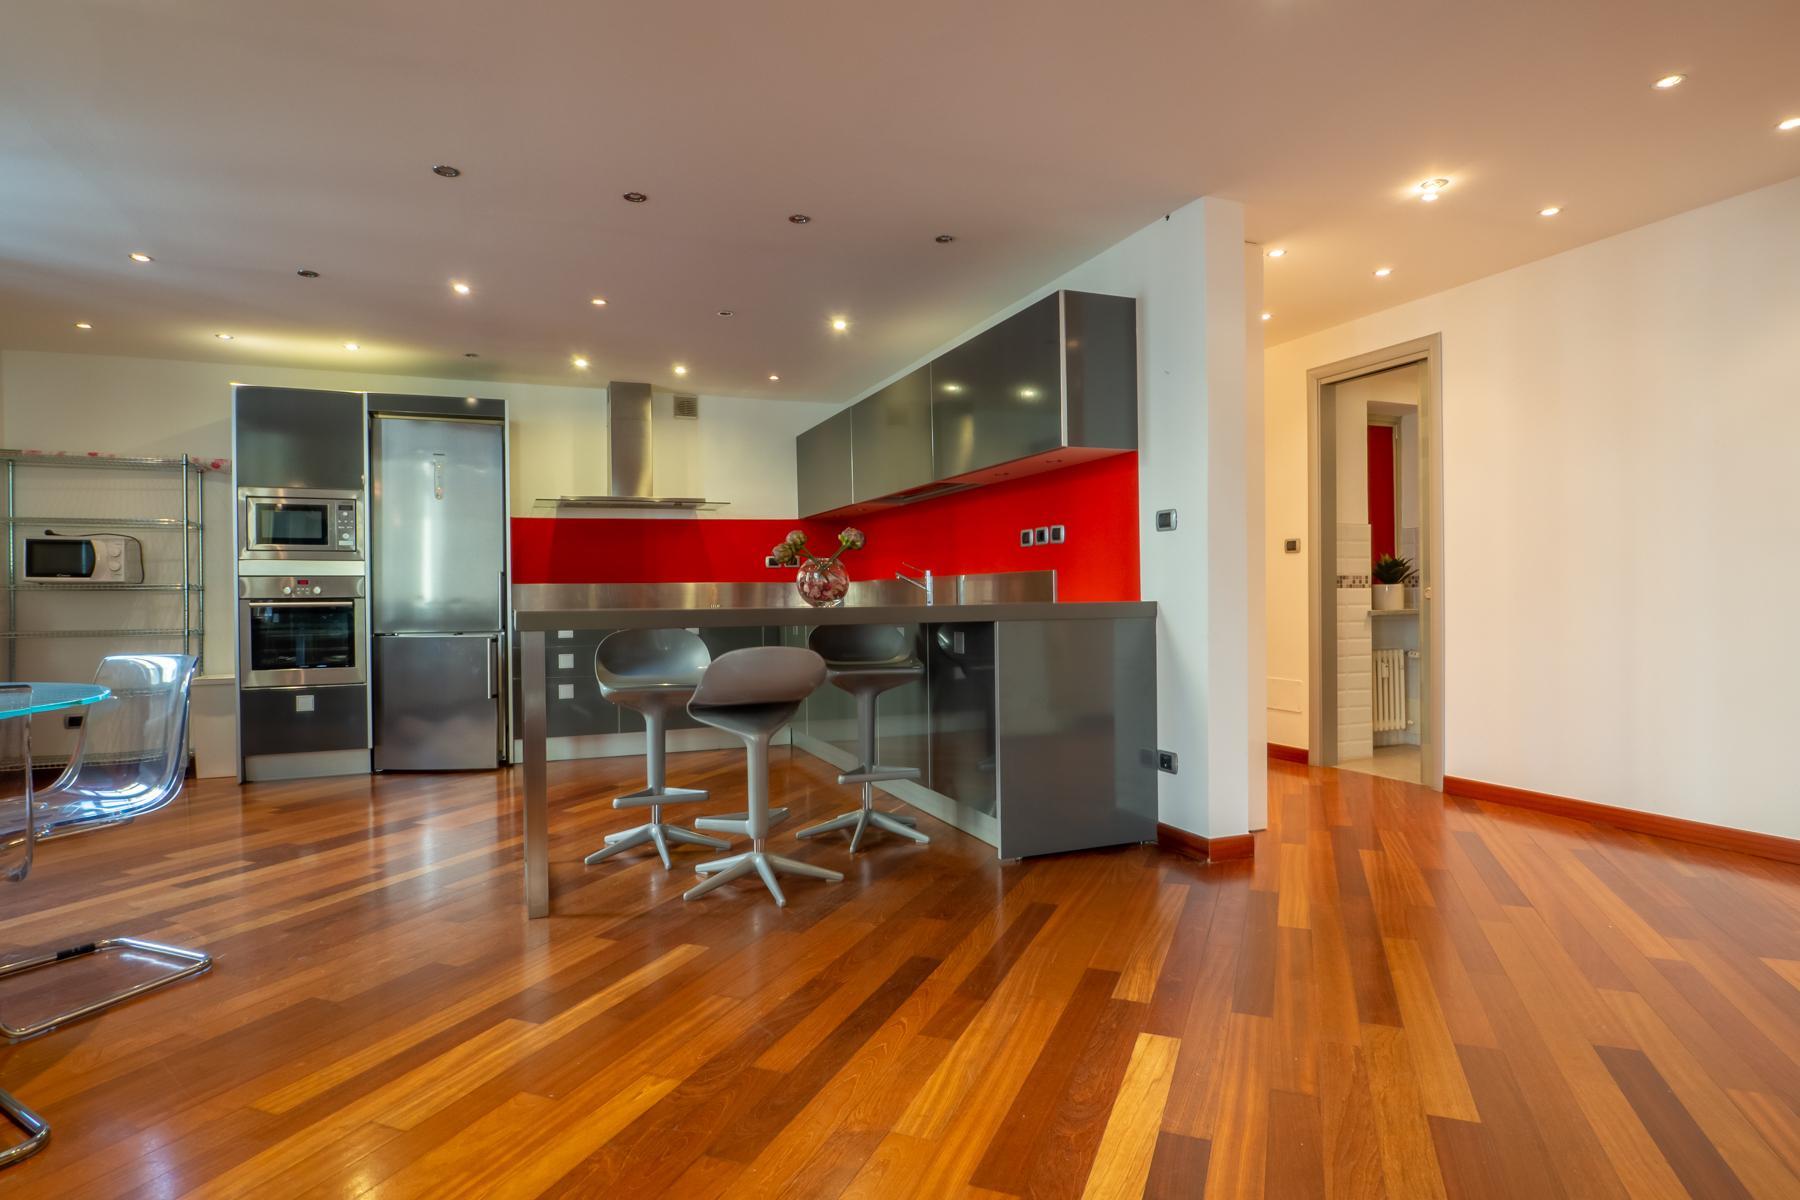 Appartement moderne dans le centre de Turin - 3